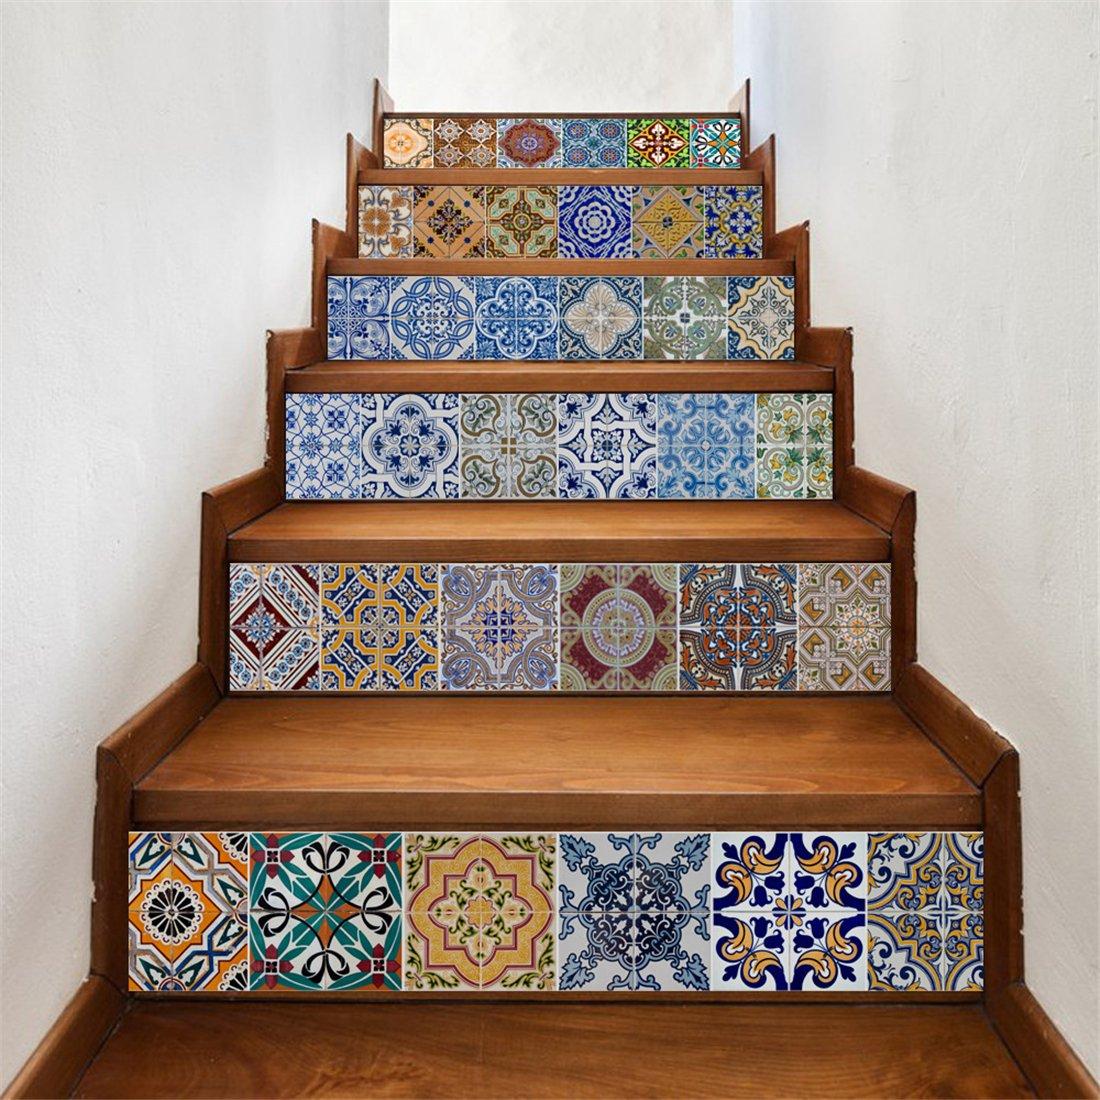 GWELL Etiquetas Engomadas de la Pared de la Escalera Decoración Hogareña Vinilo Autoadhesivo Extraíble Adhesivo para Escaleras de Bricolaje (18cm * 100cm, 6 piezas, azulejos con patrón): Amazon.es: Bricolaje y herramientas